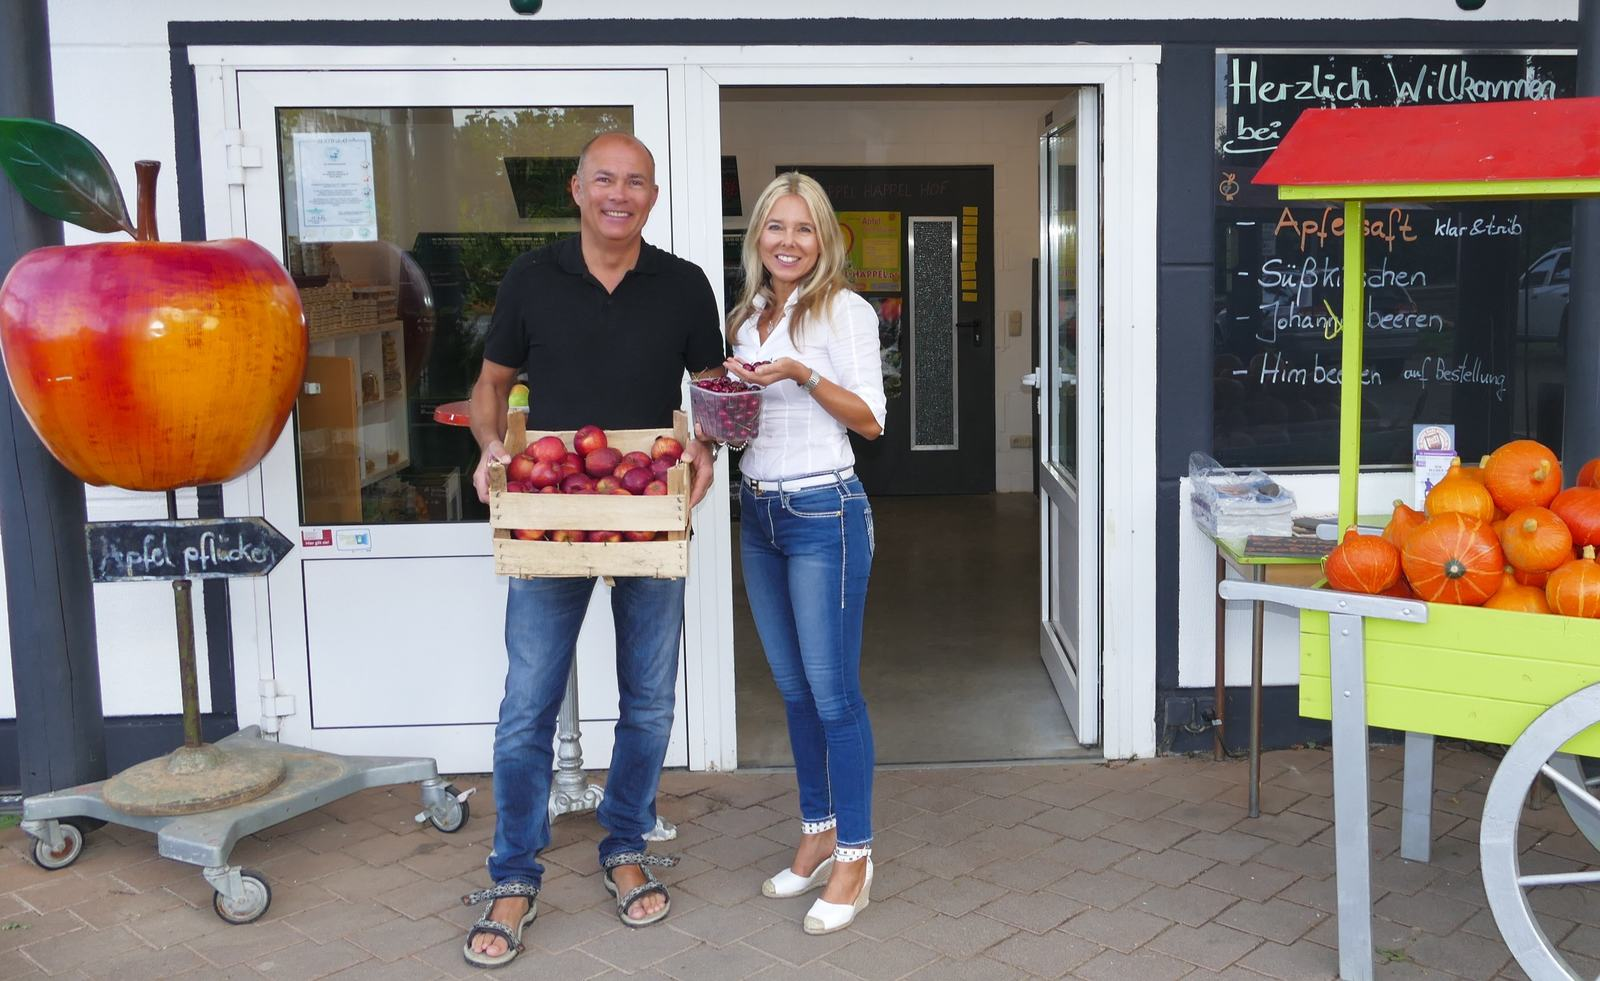 Die Inhaber des Appel Happel Hofs stehen vor dem Bauernladen und halten Äpfel und Kirschen in den Händen.